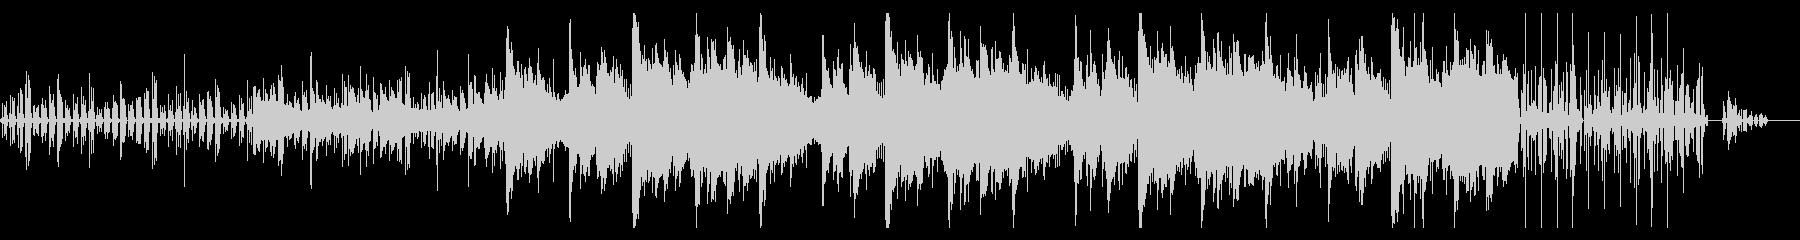 ローファイなリキッドトラップの未再生の波形